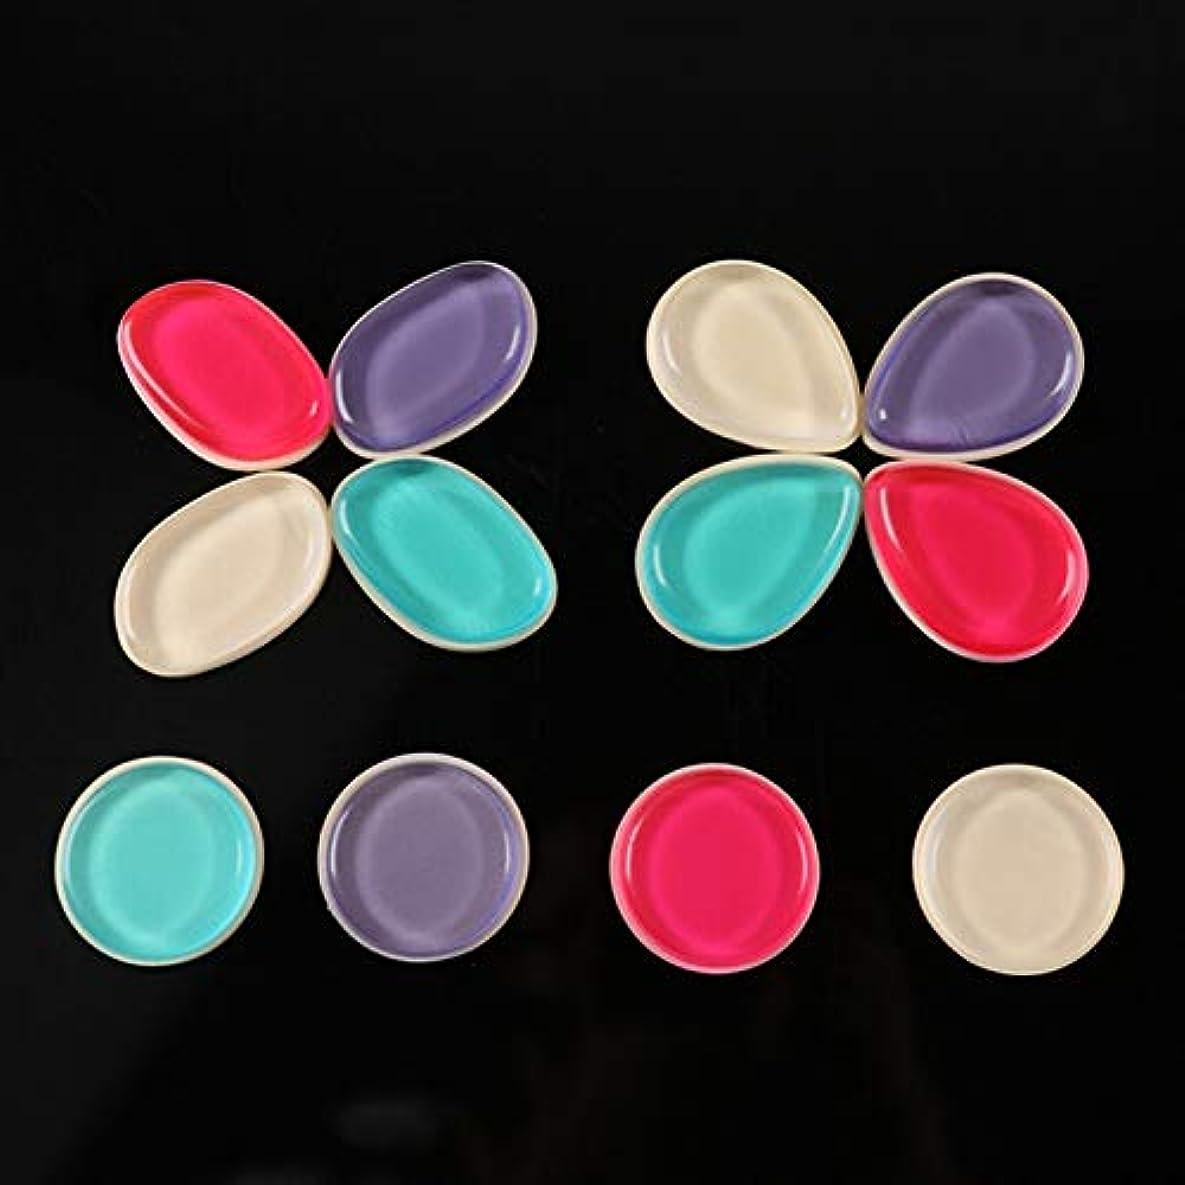 用量ステーキ費やすDOMO シリコンパフ 透明 清潔しやすい メイクスポンジ ゲルパフ ゼリーパフ化粧品 ファンデーション メークアップツール